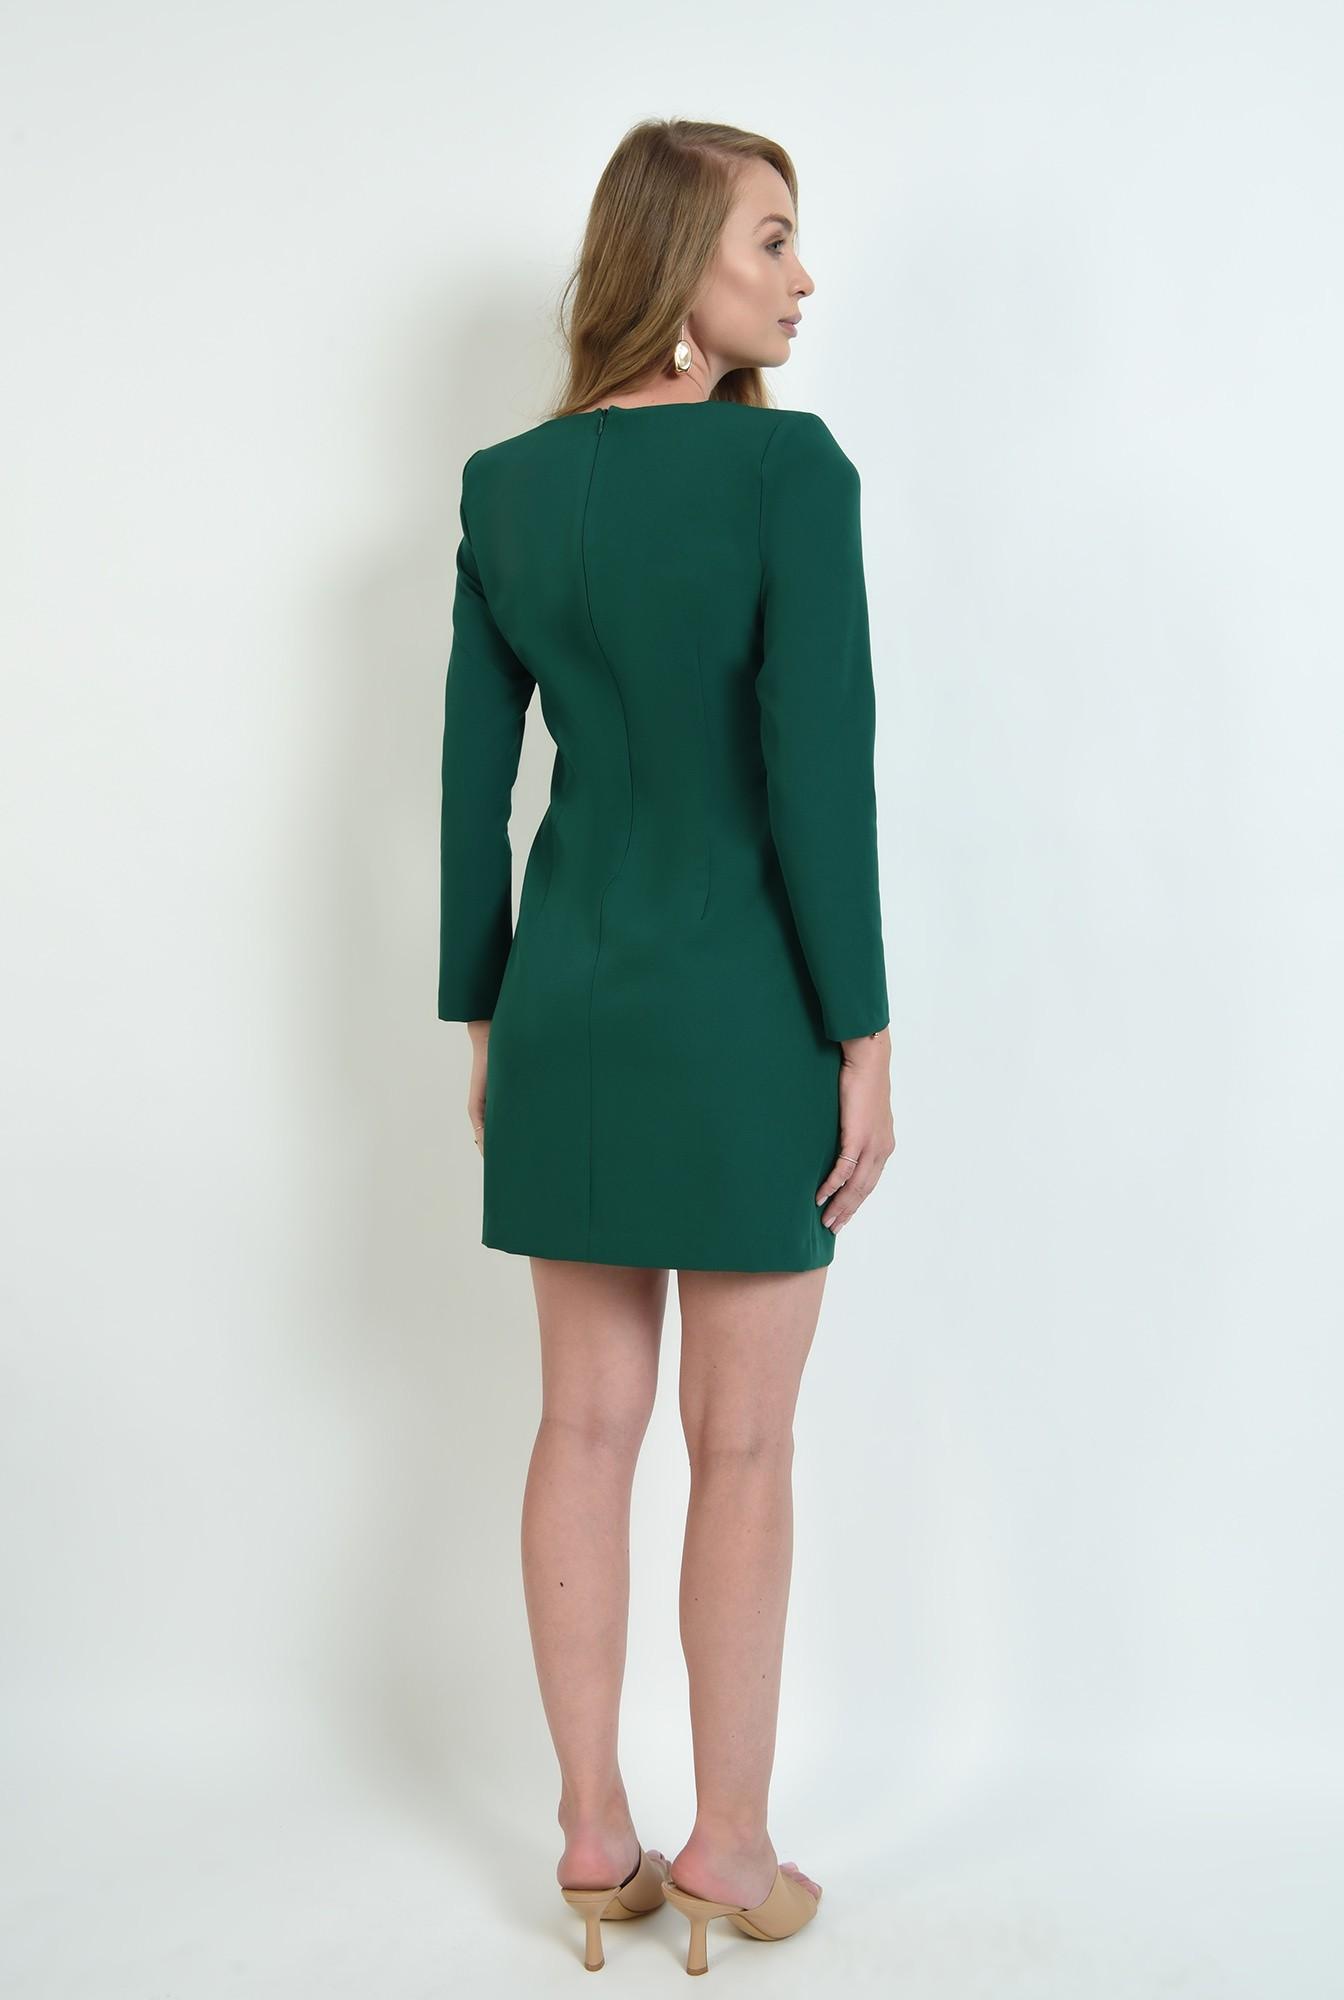 2 - rochie verde, scurta, cu nasturi multipli